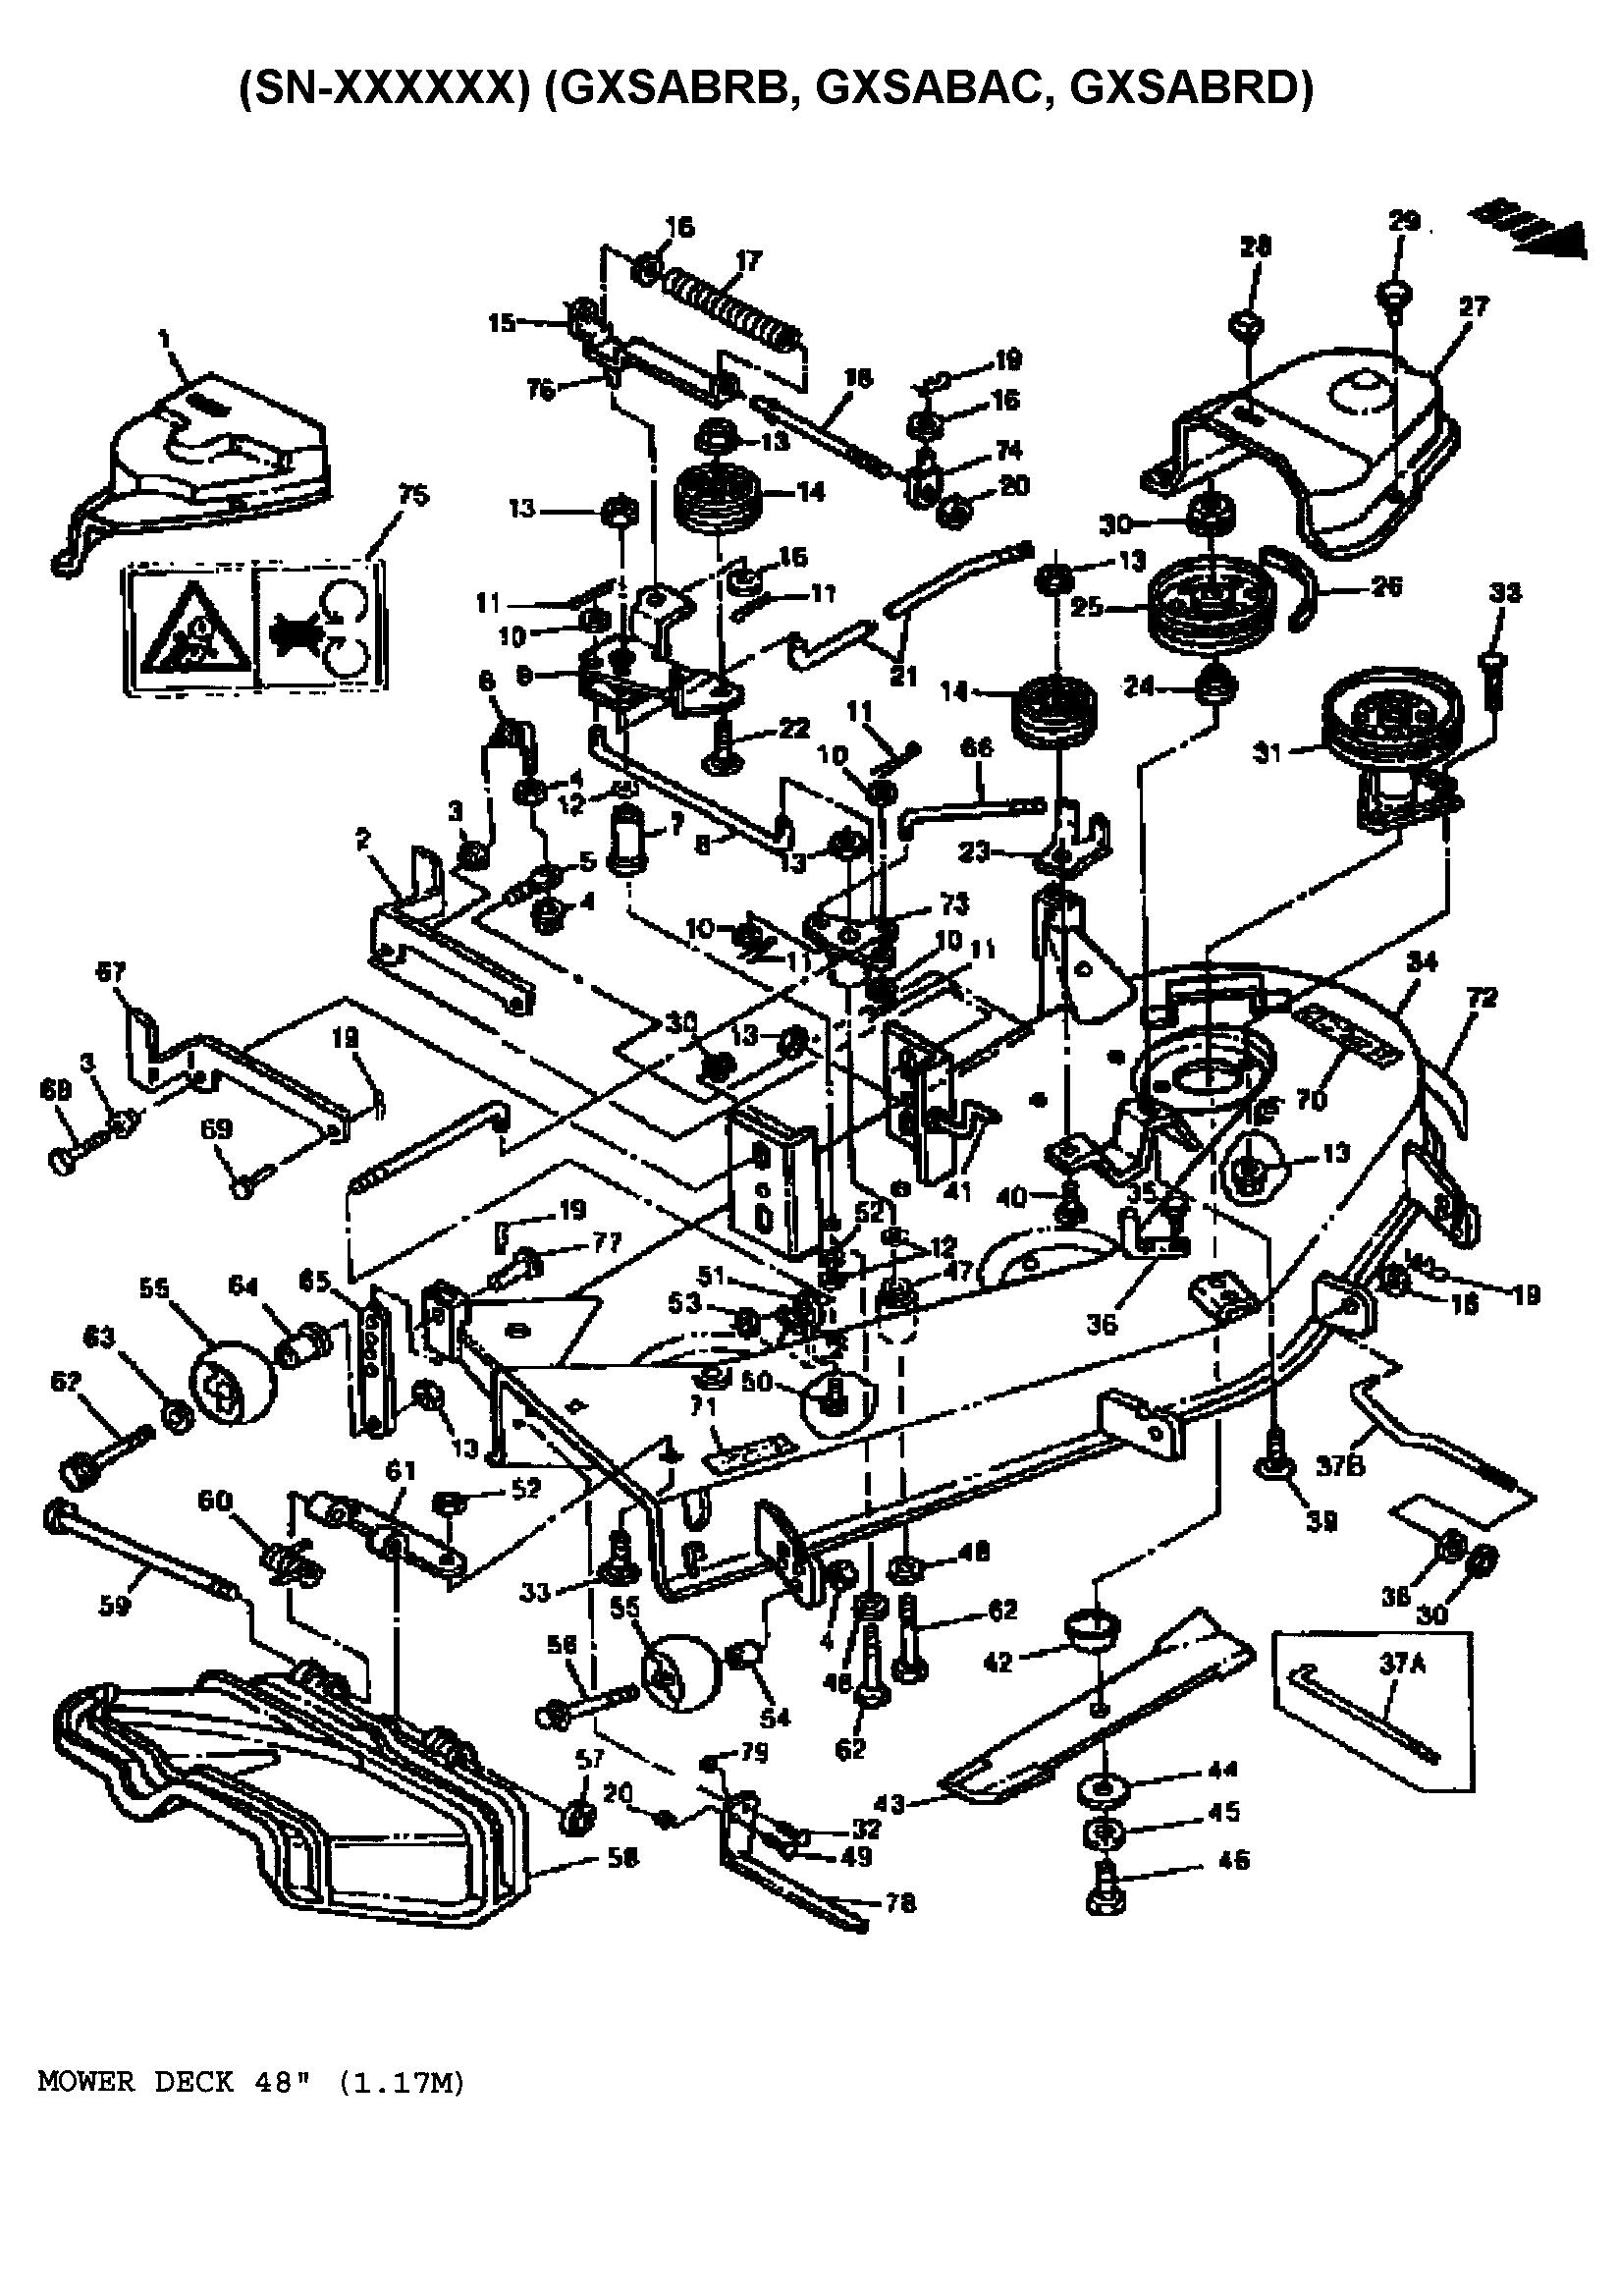 400 john deere riding lawn mower wiring diagram [ 1648 x 2338 Pixel ]